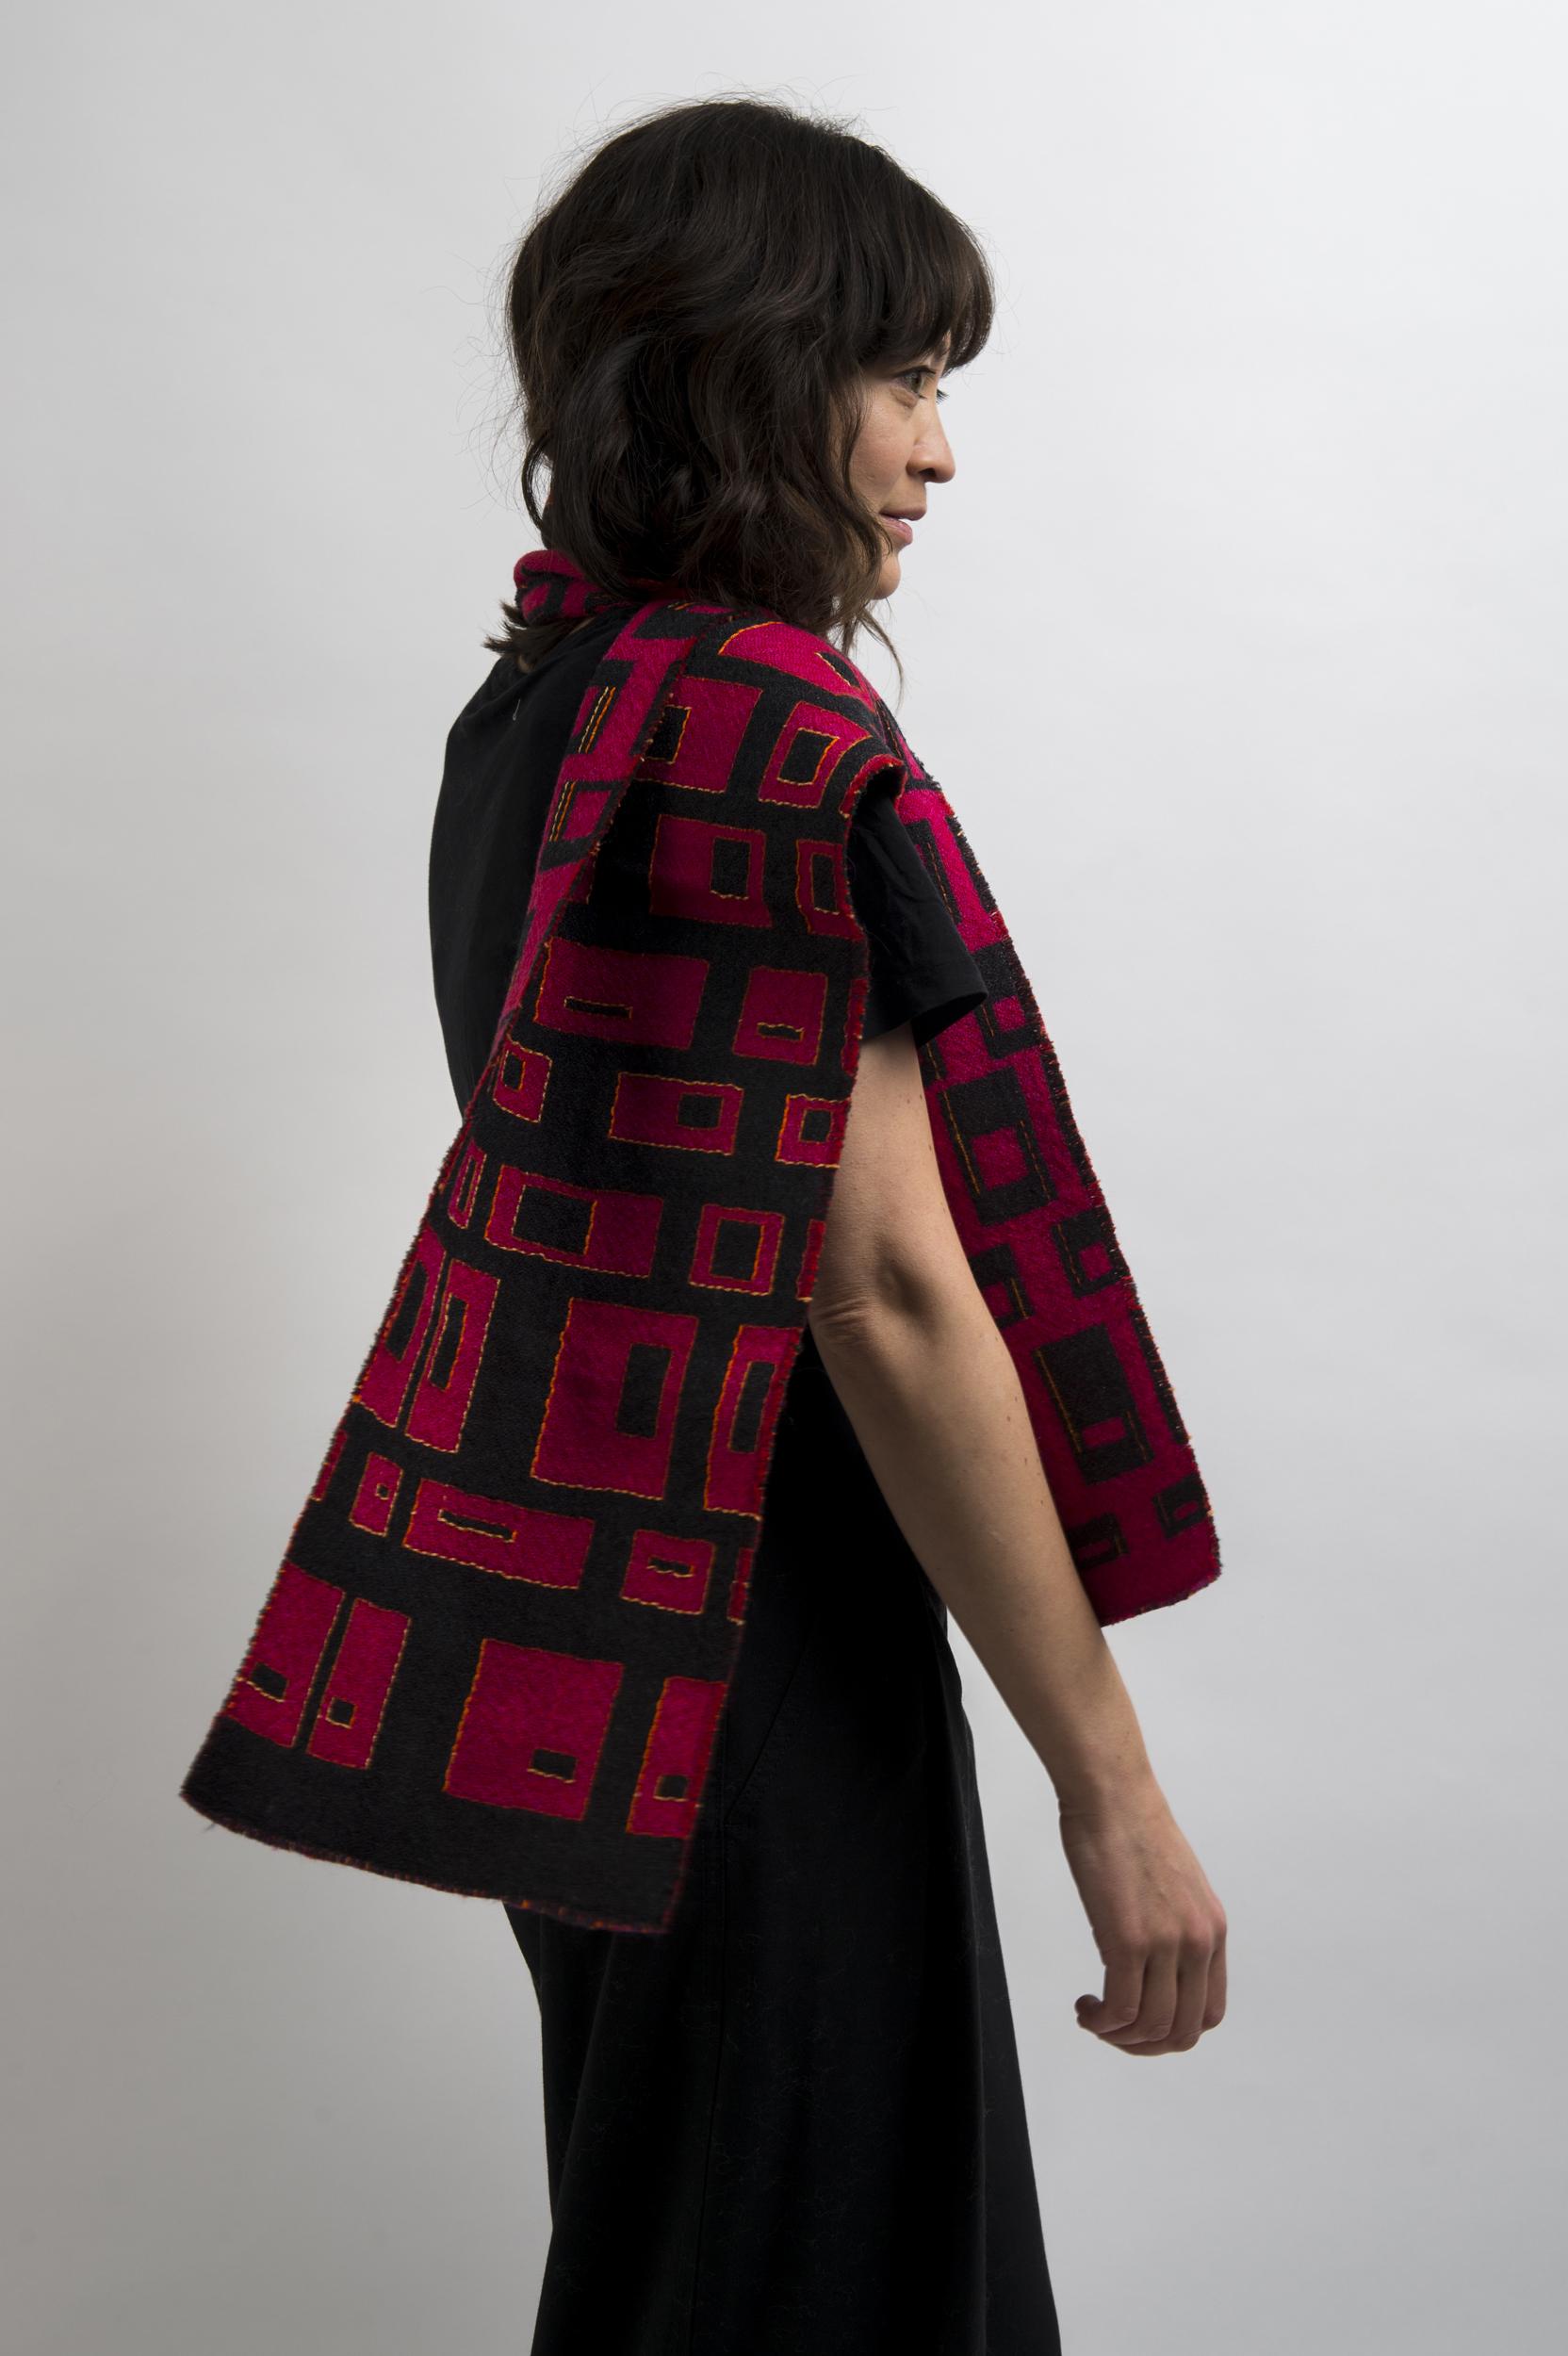 textiles-65 72.jpg